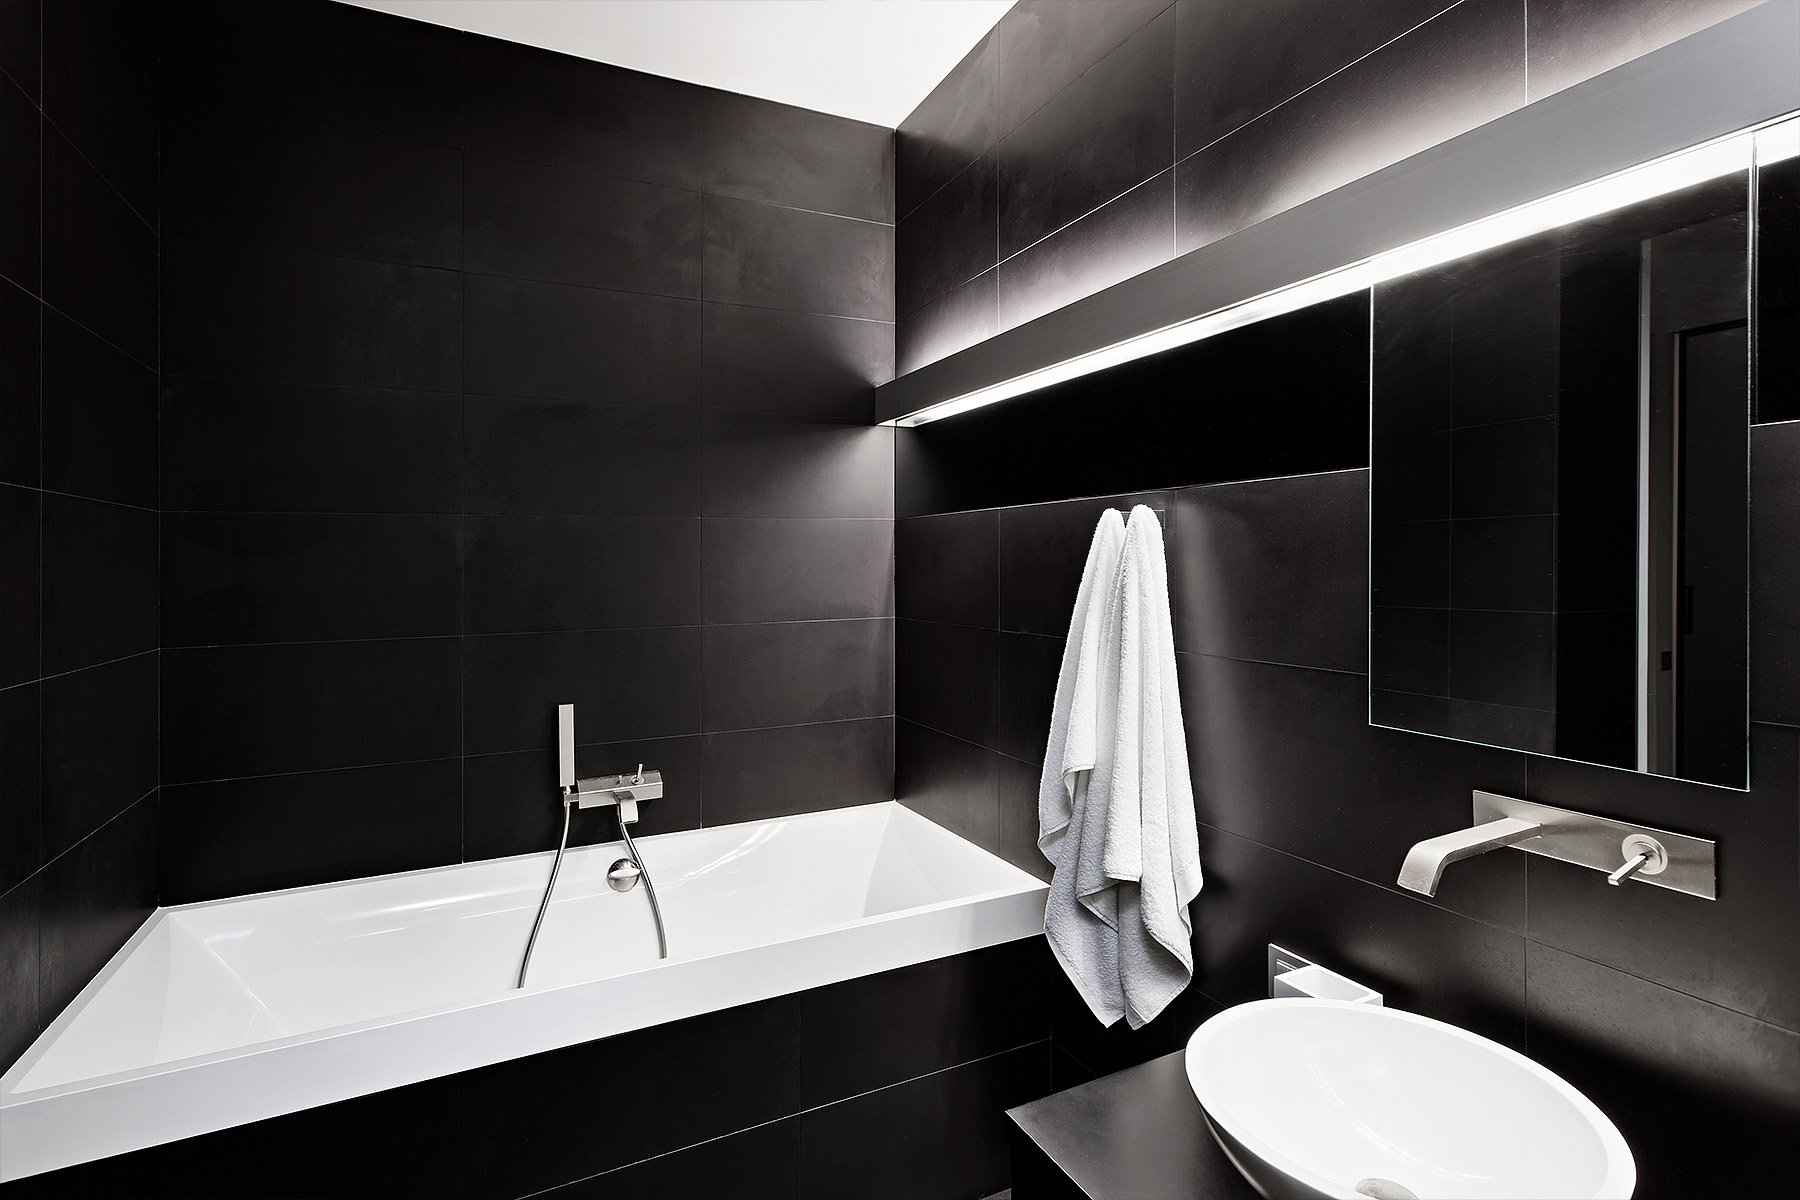 Noir c est noir david iltis architecte d 39 int rieur mulhouse david iltis architecte d for Architecte d interieur mulhouse